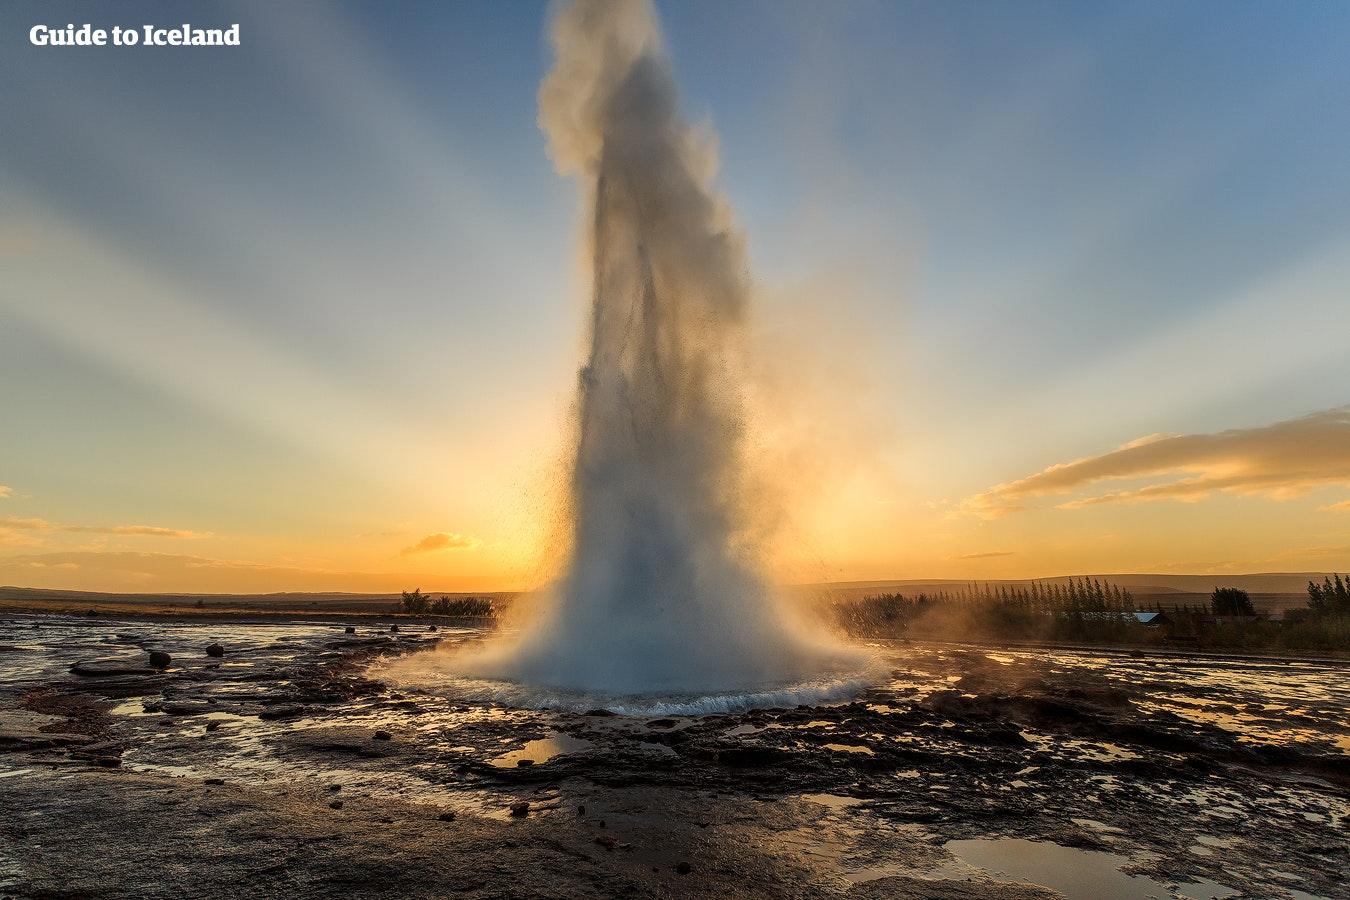 Il Circolo d'Oro è il percorso turistico più popolare d'Islanda.